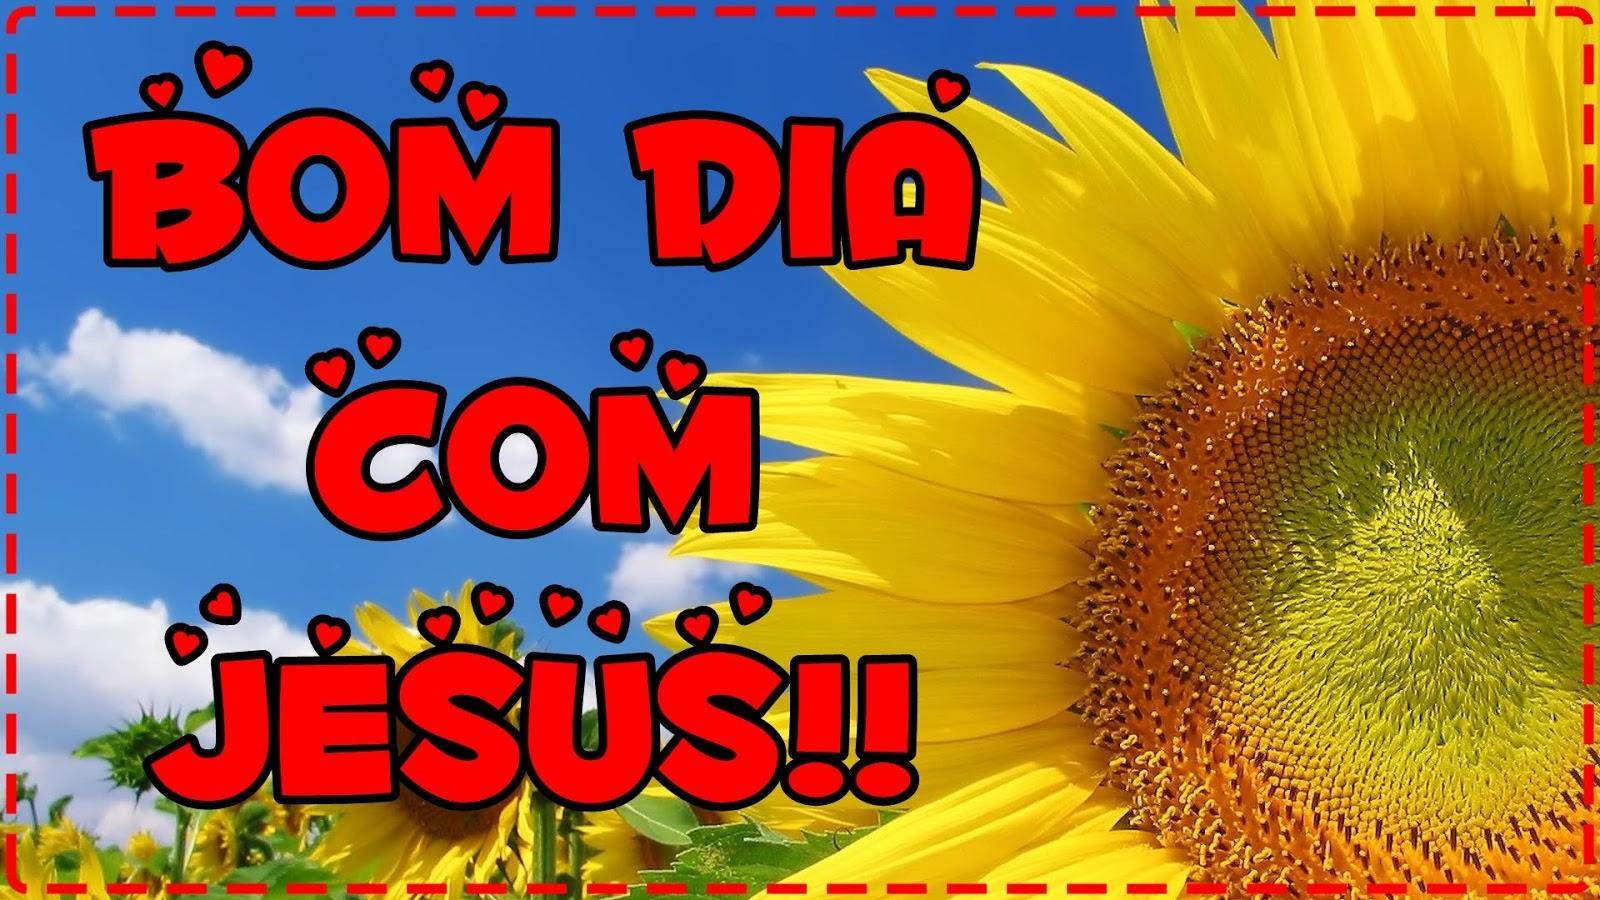 Imagens De Bom Dia: Imagens Com Frases De Bom Dia